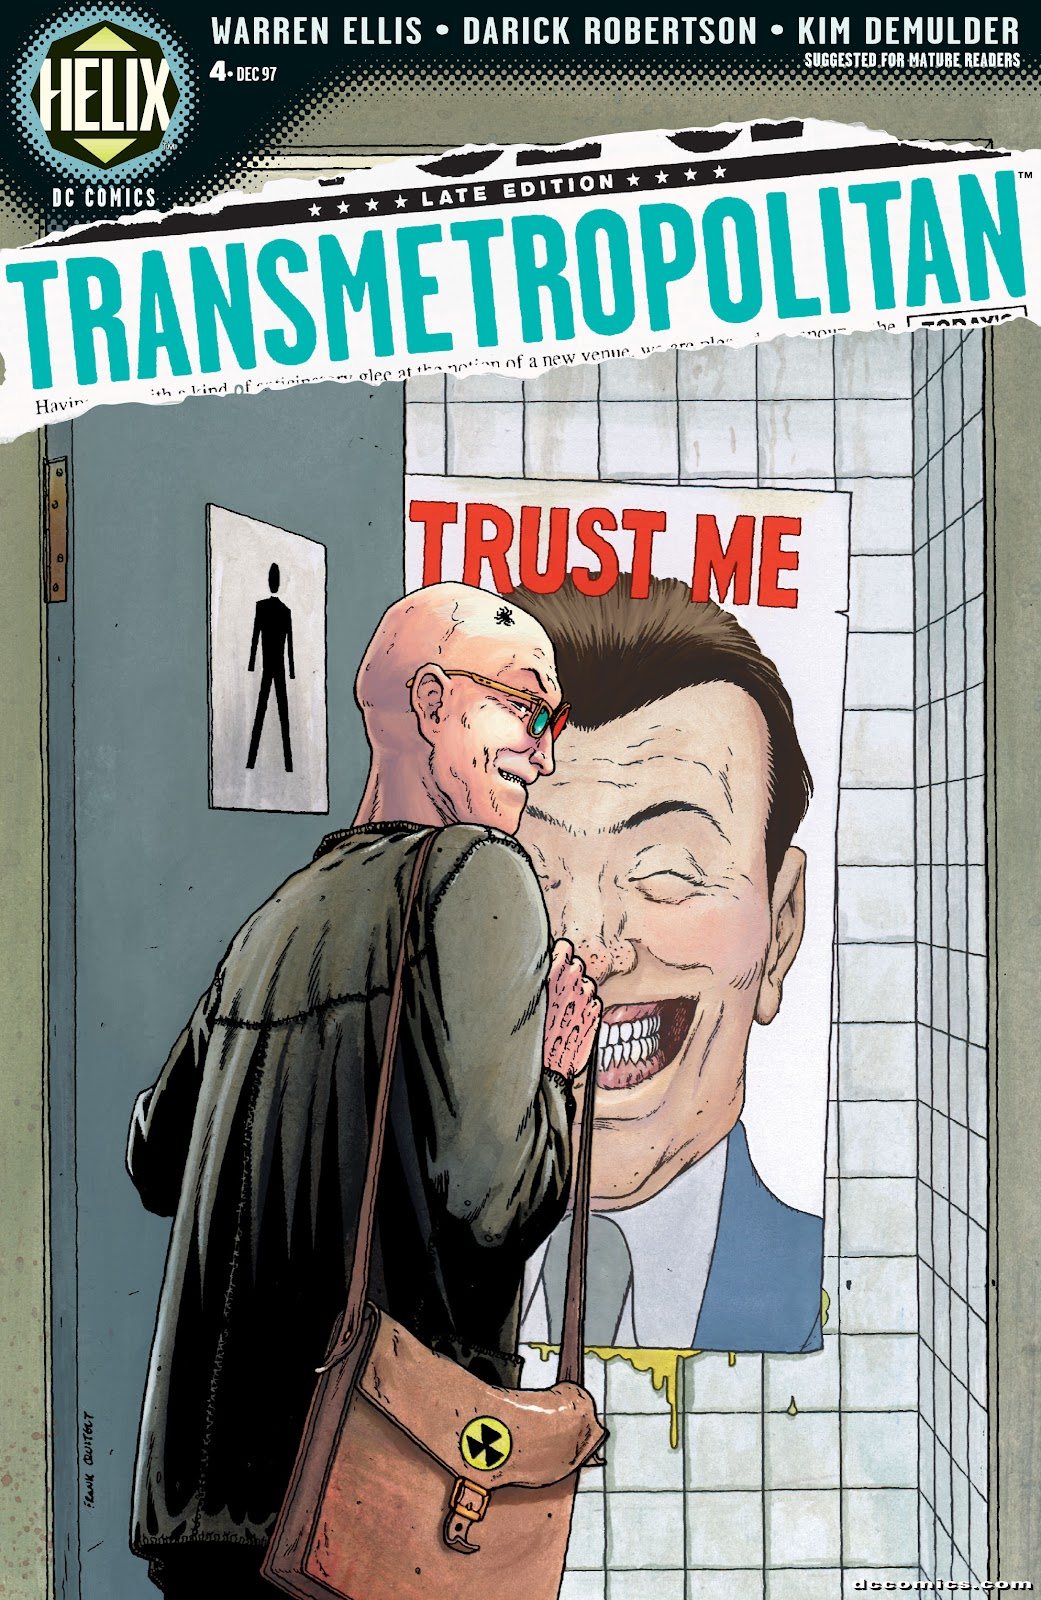 Transmetropolitan 4 Page 1